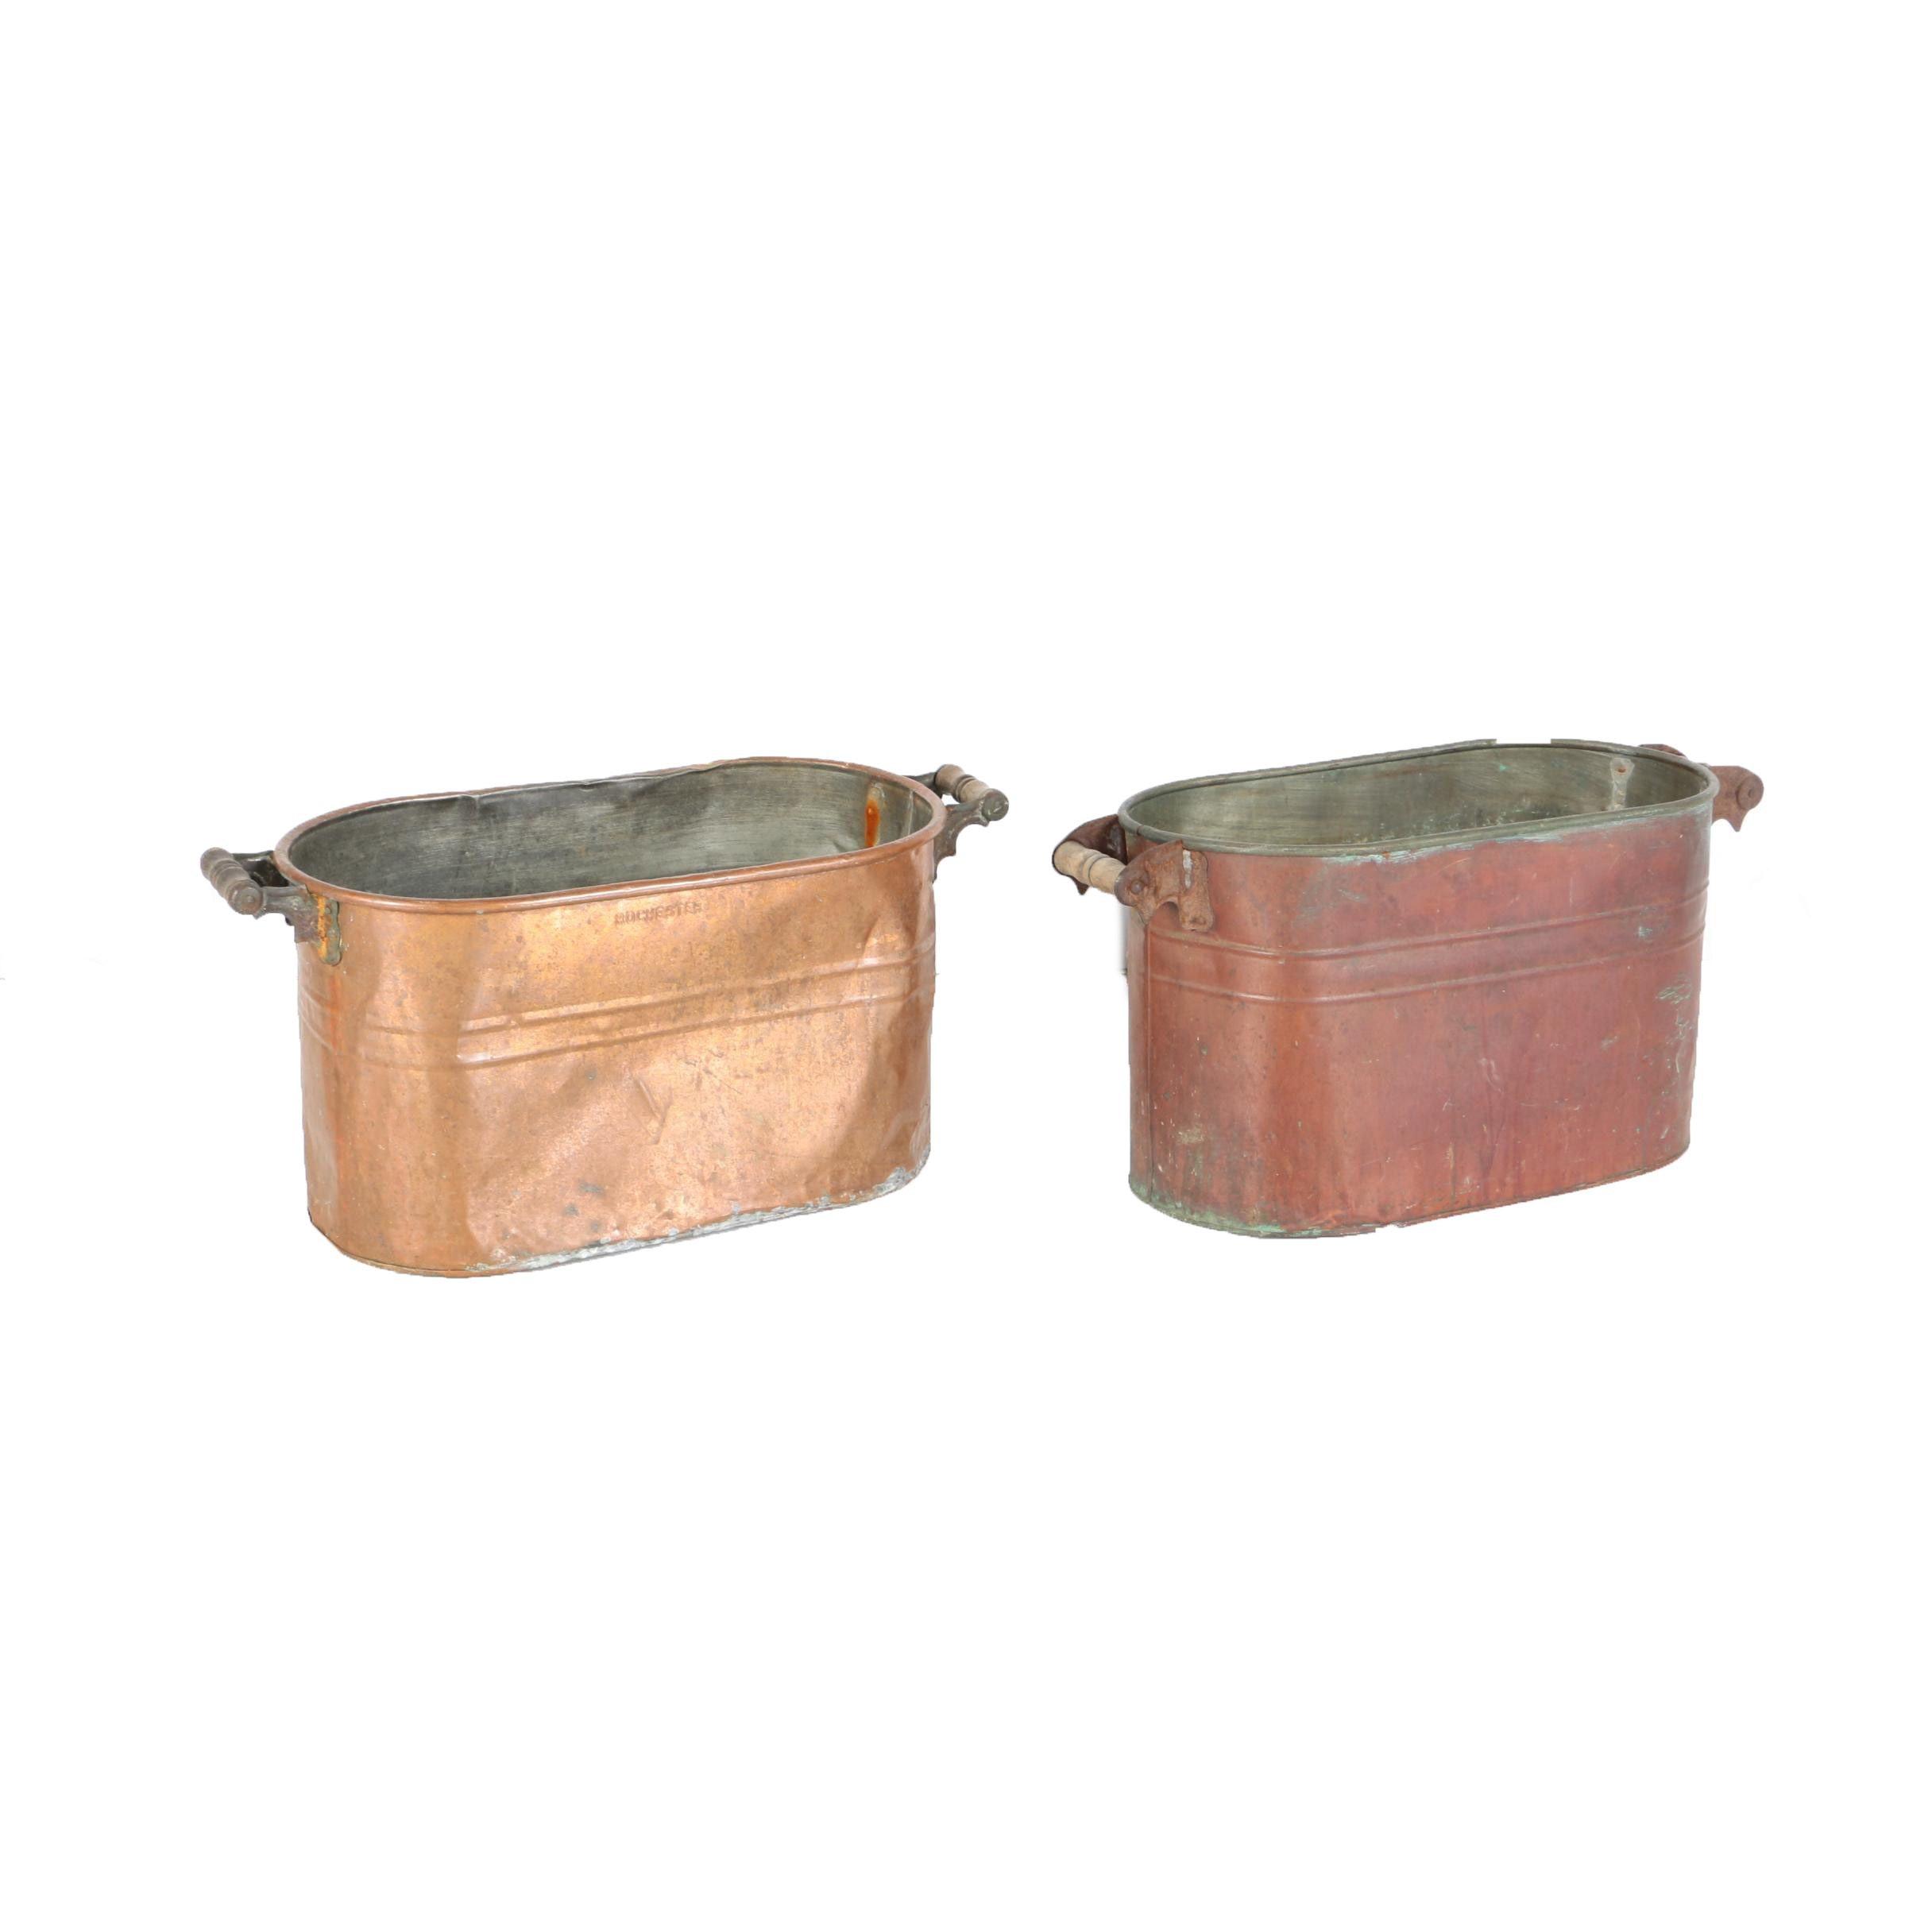 Vintage Copper Boilers